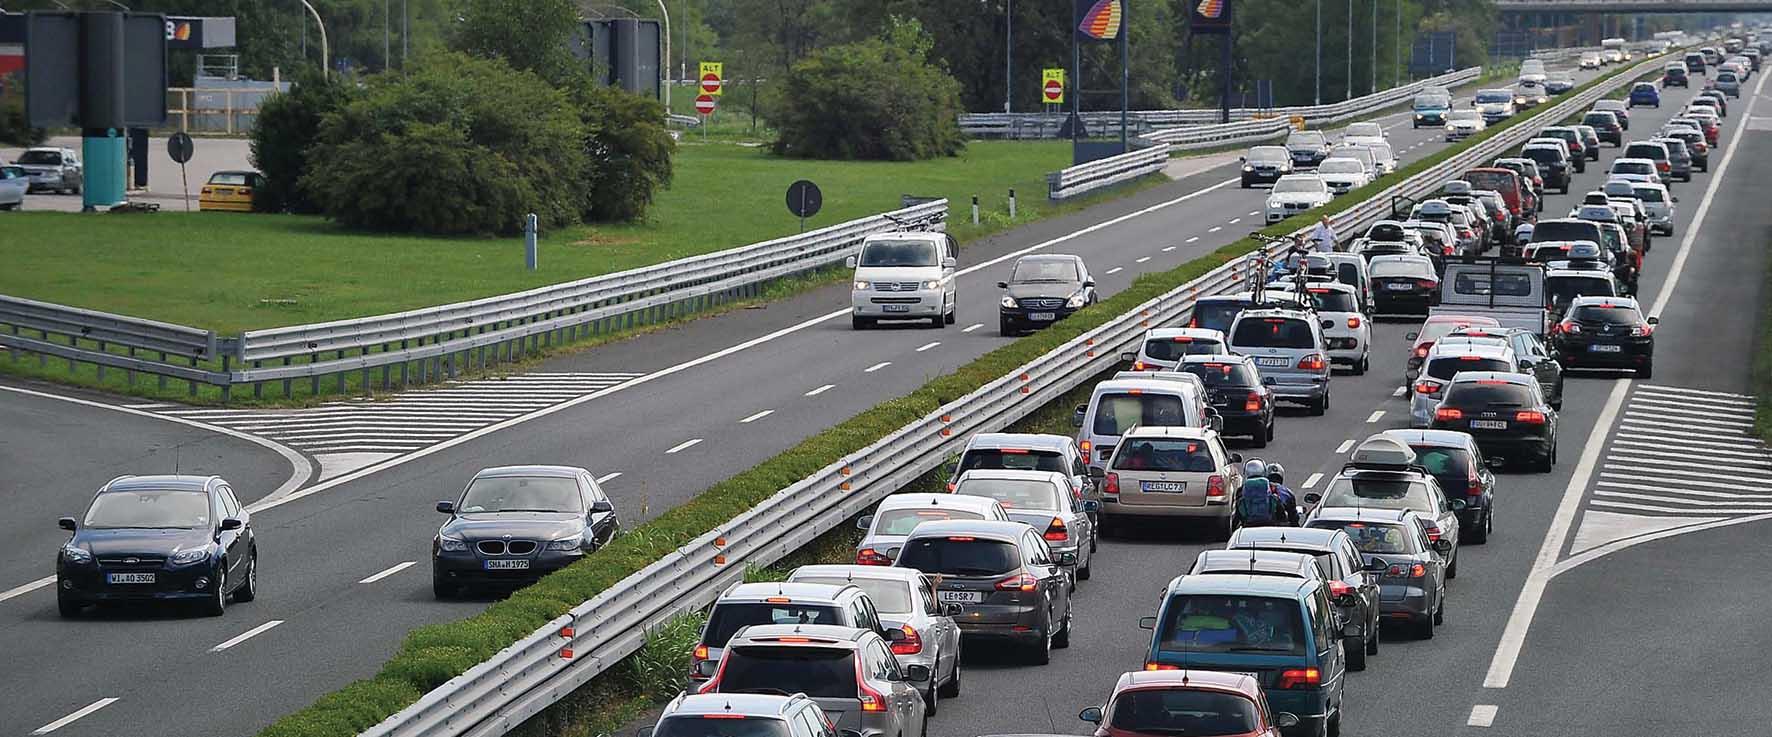 A4 Autovie venete incolonnamenti da traffico DaUdineNordAUdineSud